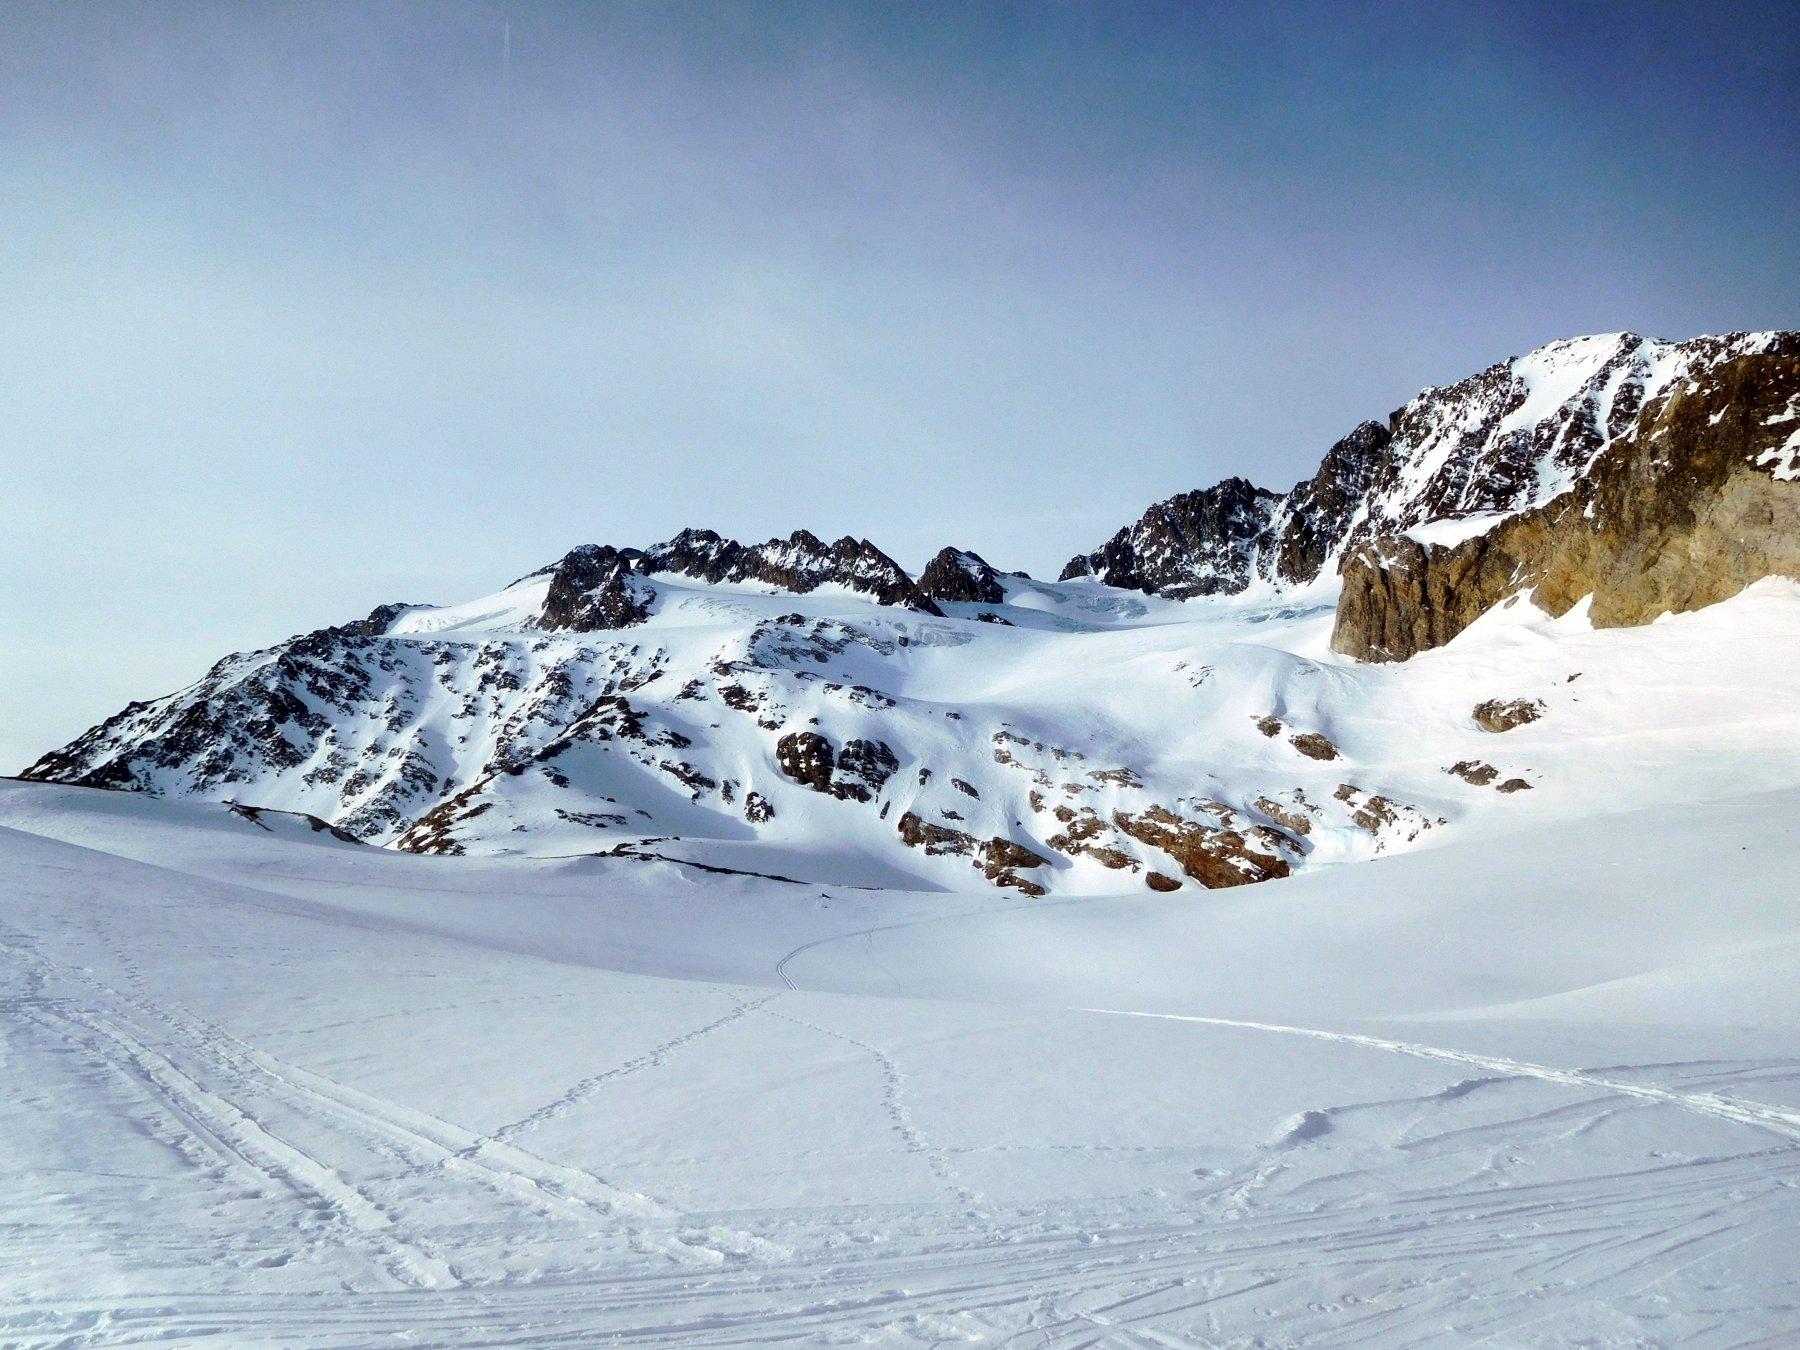 vista salendo dai ripiani glaciali